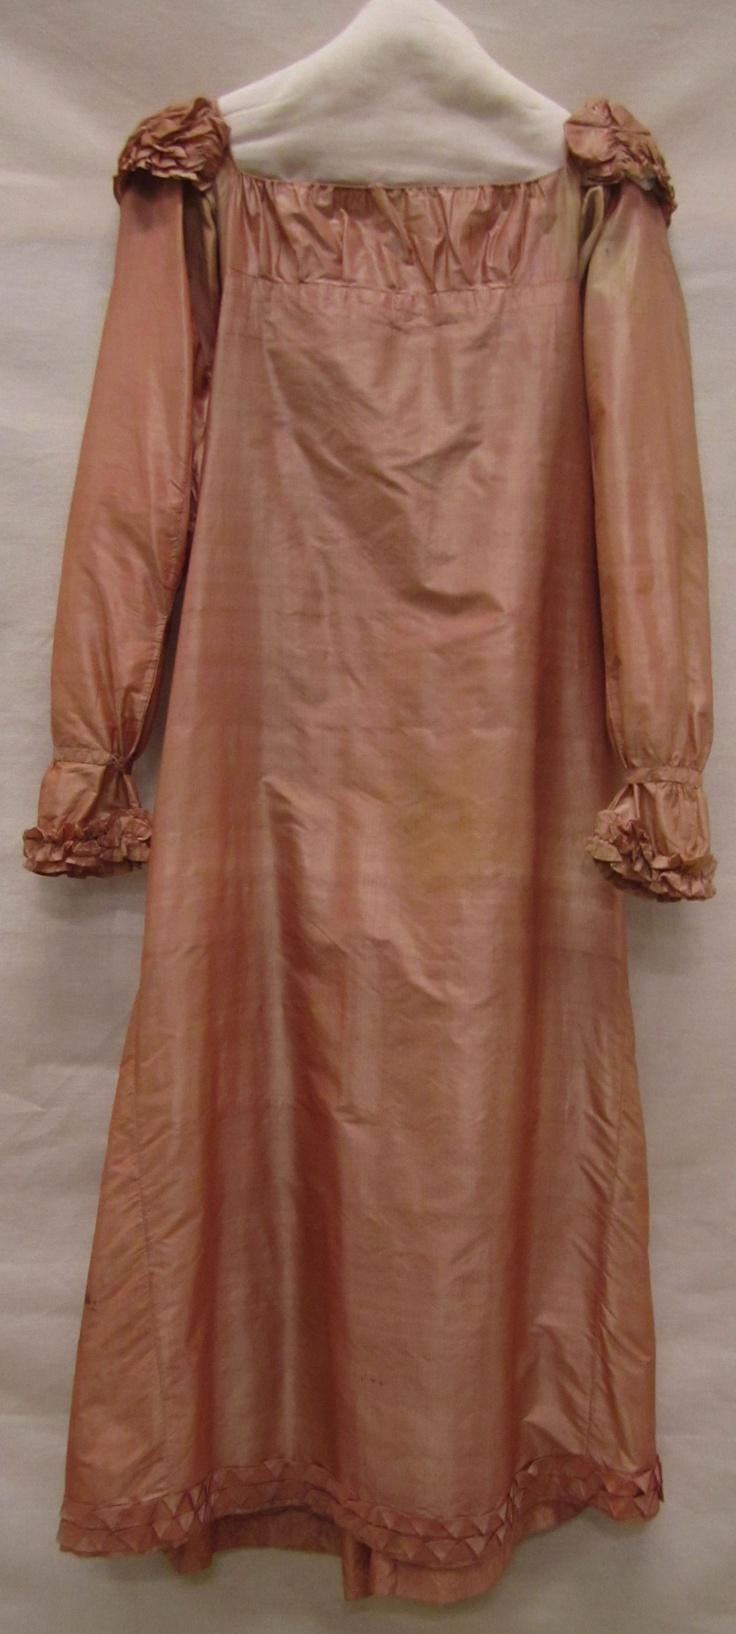 Japon | Dress, ca. 1810-1815, tafzijde met gefronste stof schouders| taffeta with frowned fabric in shoulders, Gemeentemuseum Den Haag #modemuze #janeausten #gemeentemuseum